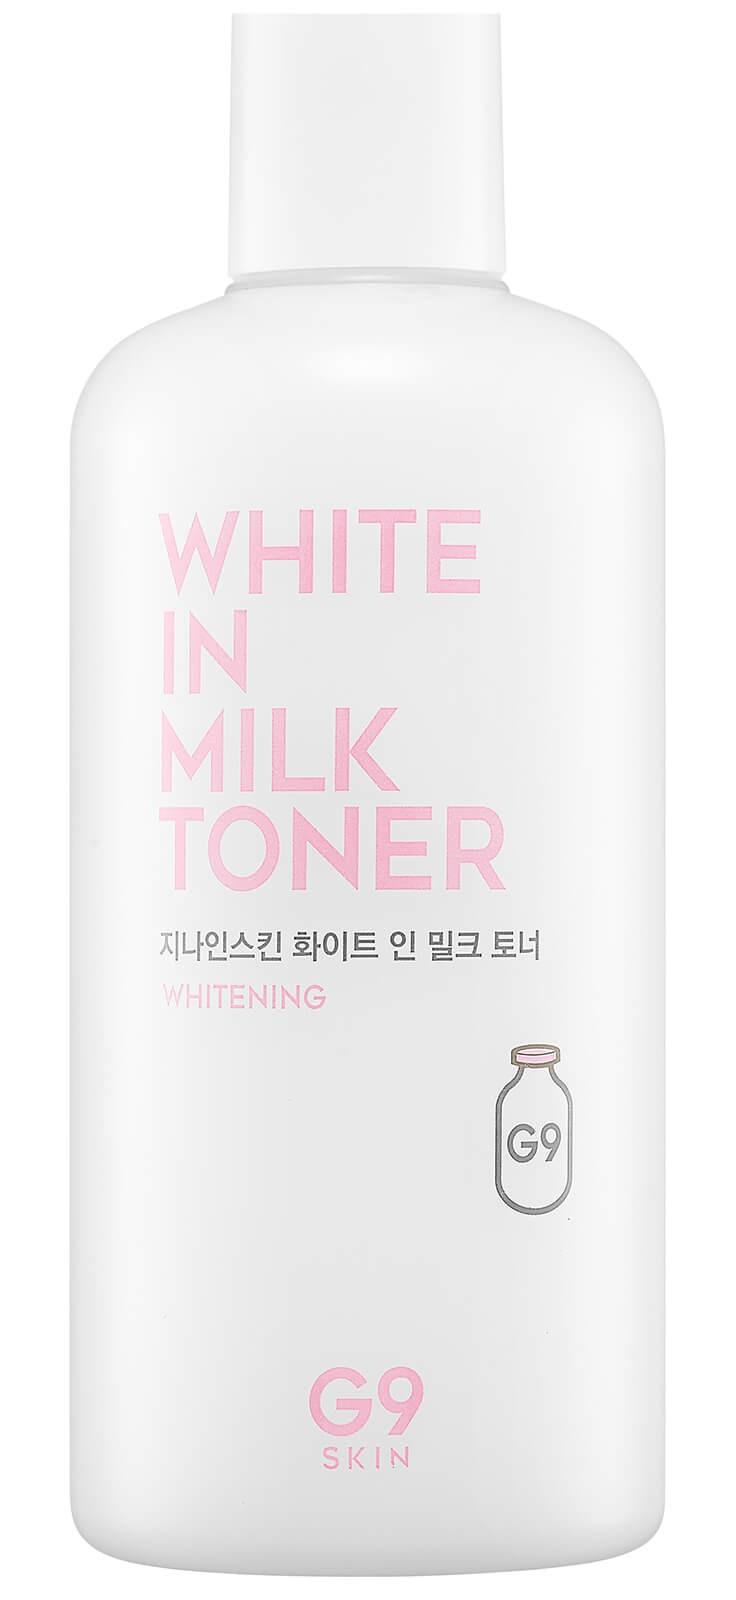 G9SKIN White in Milk Toner